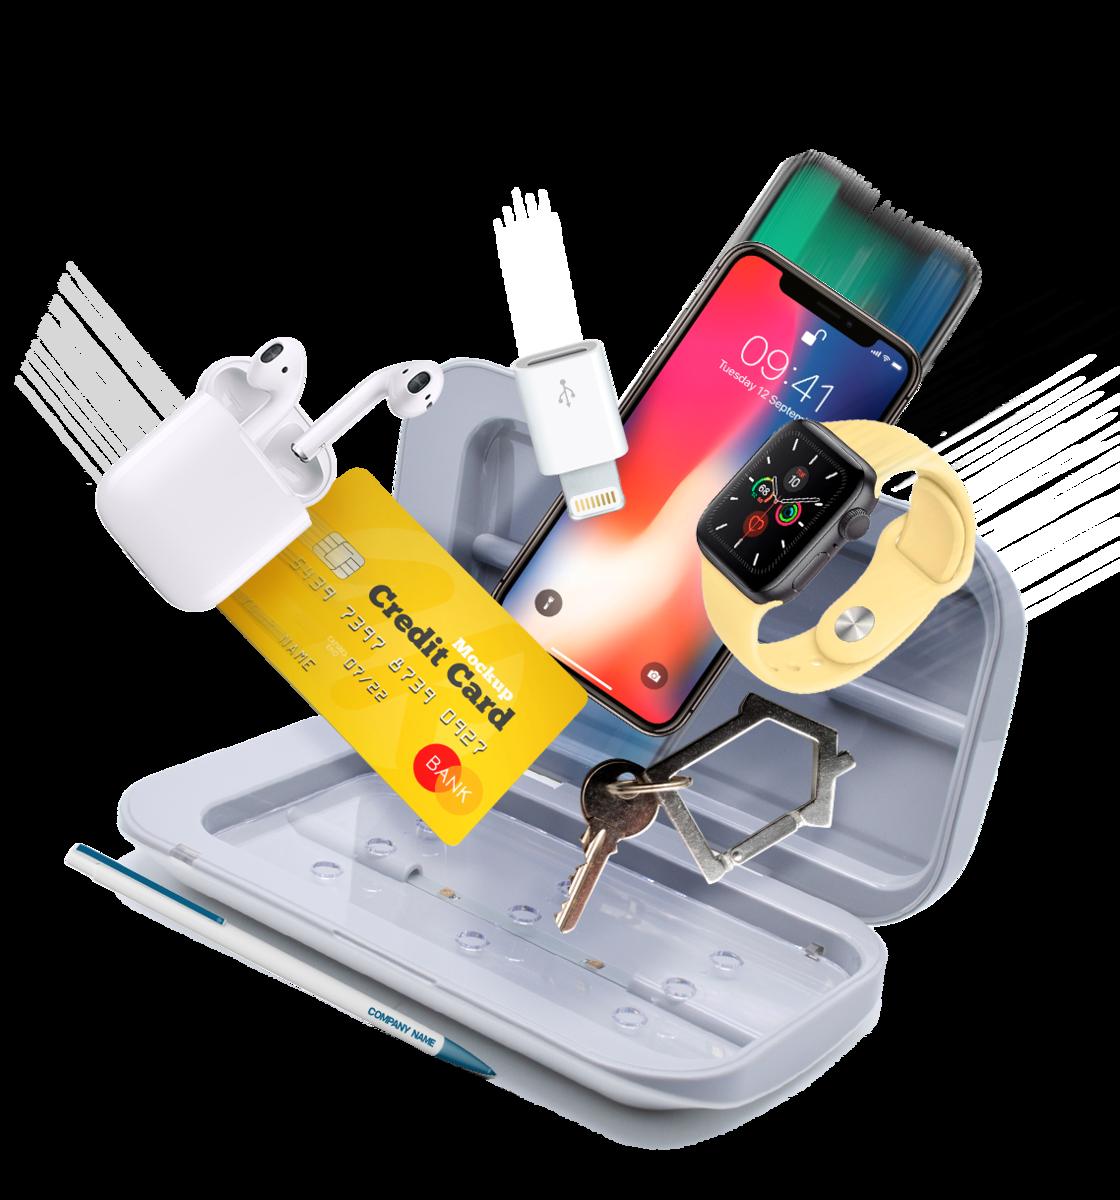 Cleanifi Pod Phone Cleaner Uv Light Sanitizer Cleanifi In 2020 Clean Phone Sanitizer Phone